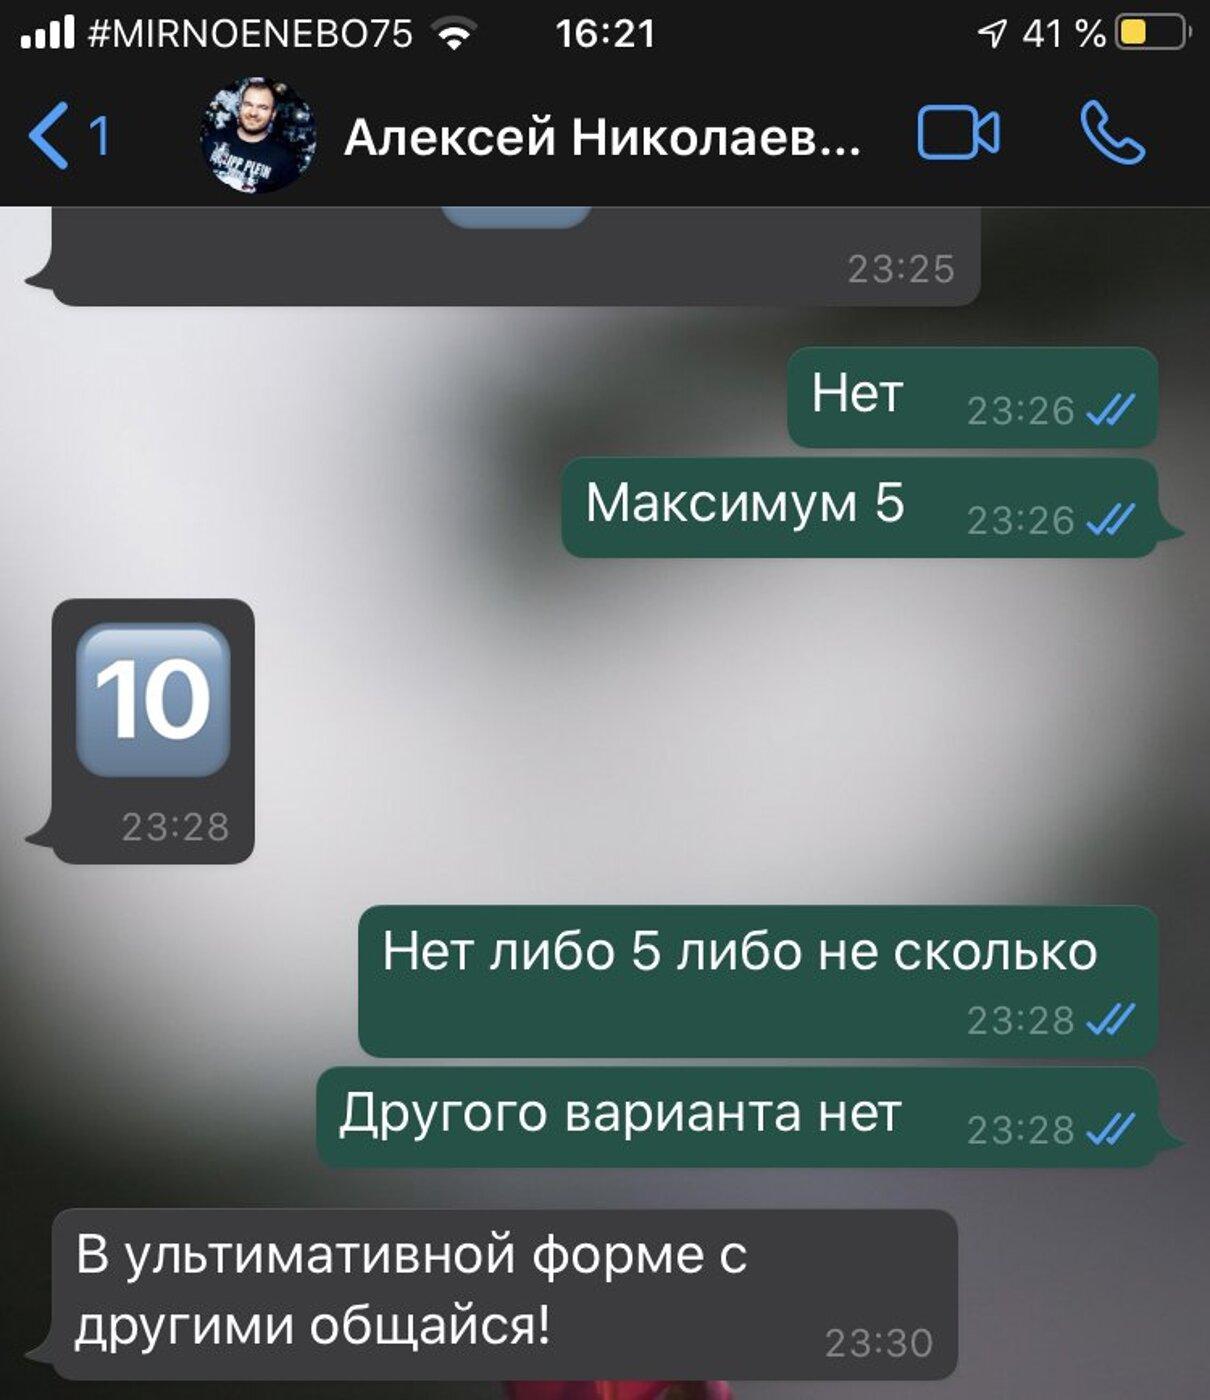 Жалоба-отзыв: Алексей - Осторожно Альфонс и кидала!.  Фото №5